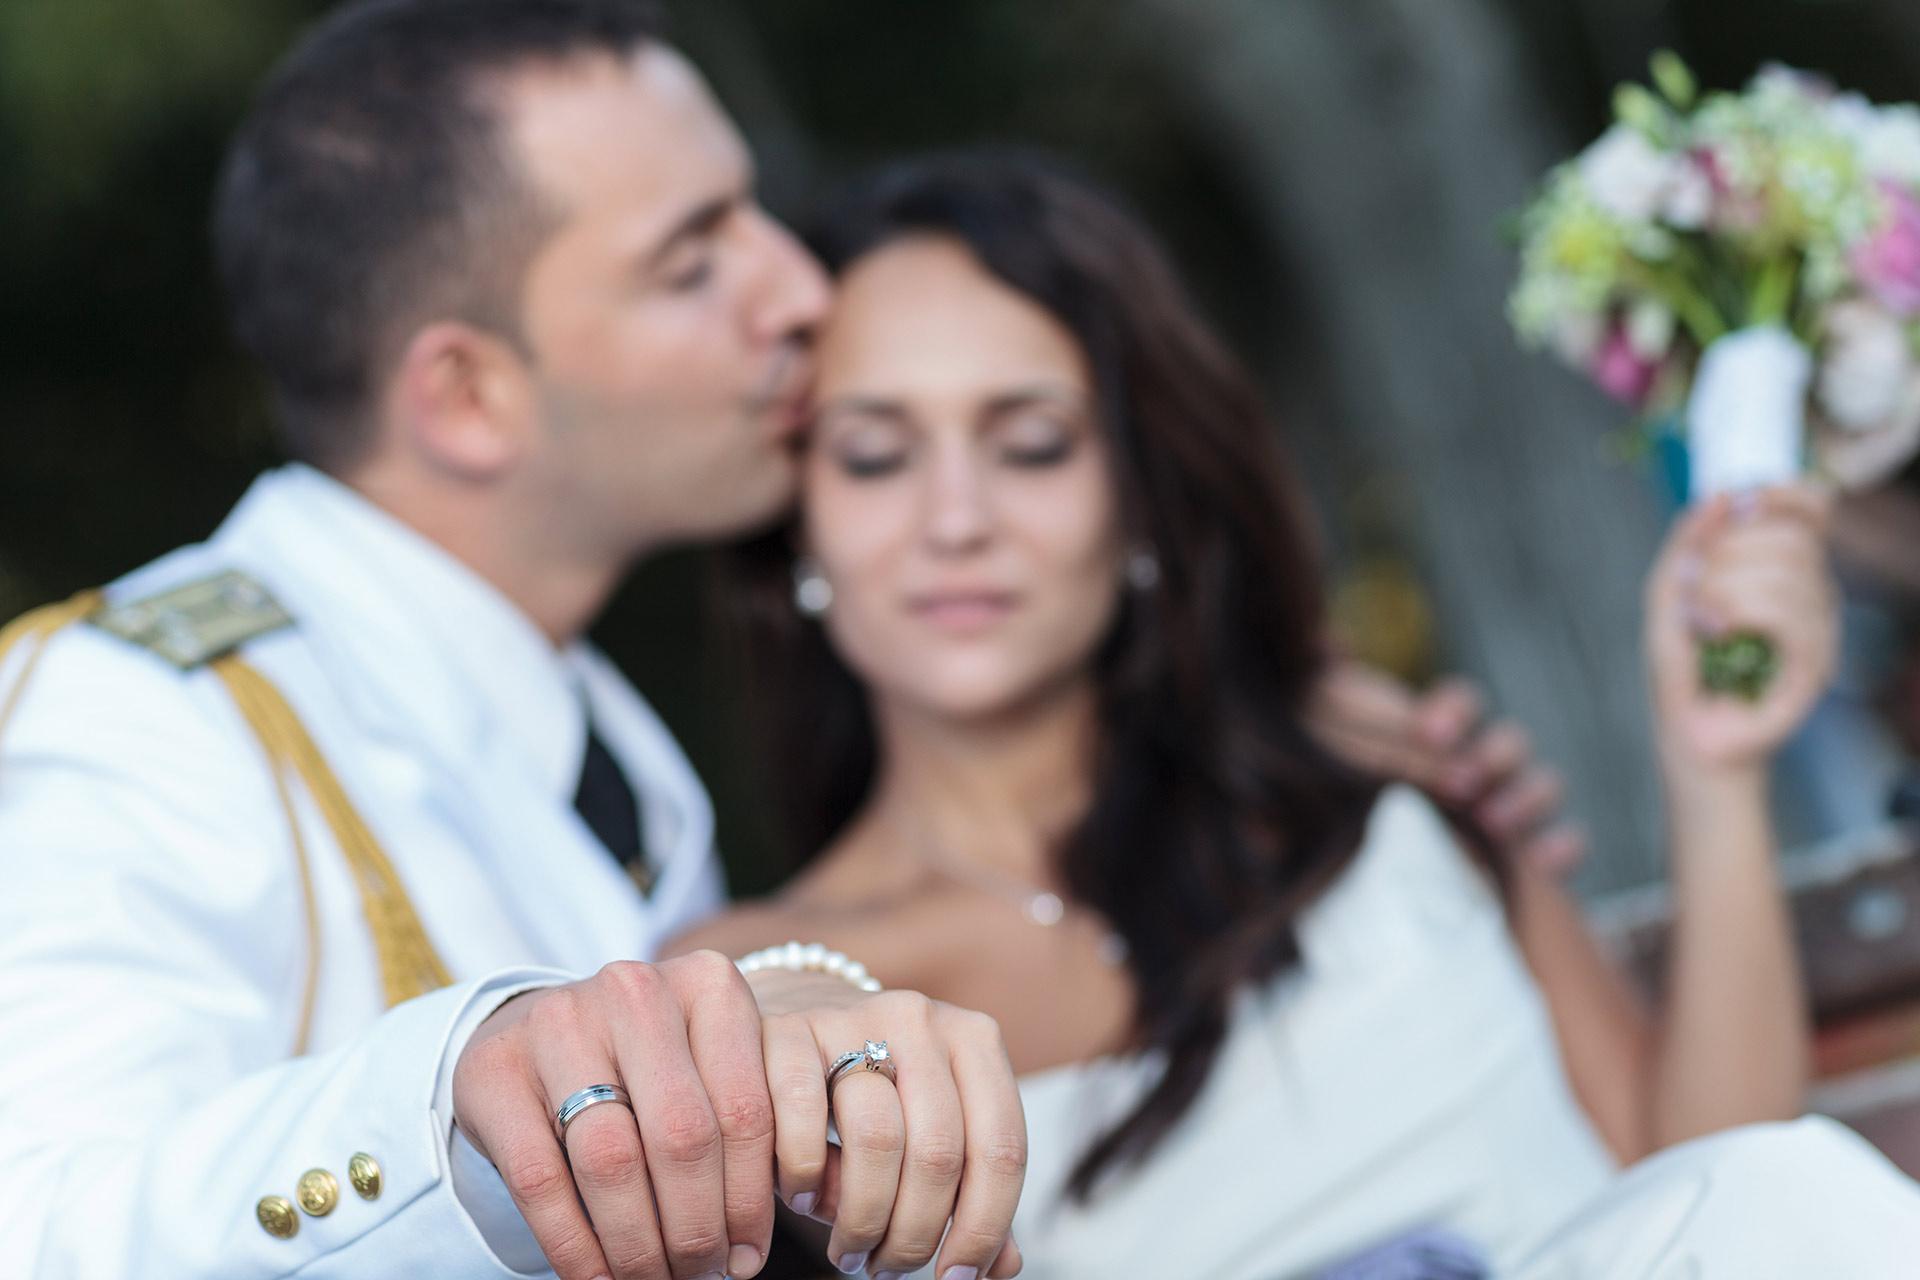 Колко струва една сватба на плажа морето в и около Бургас през 2020 г.?